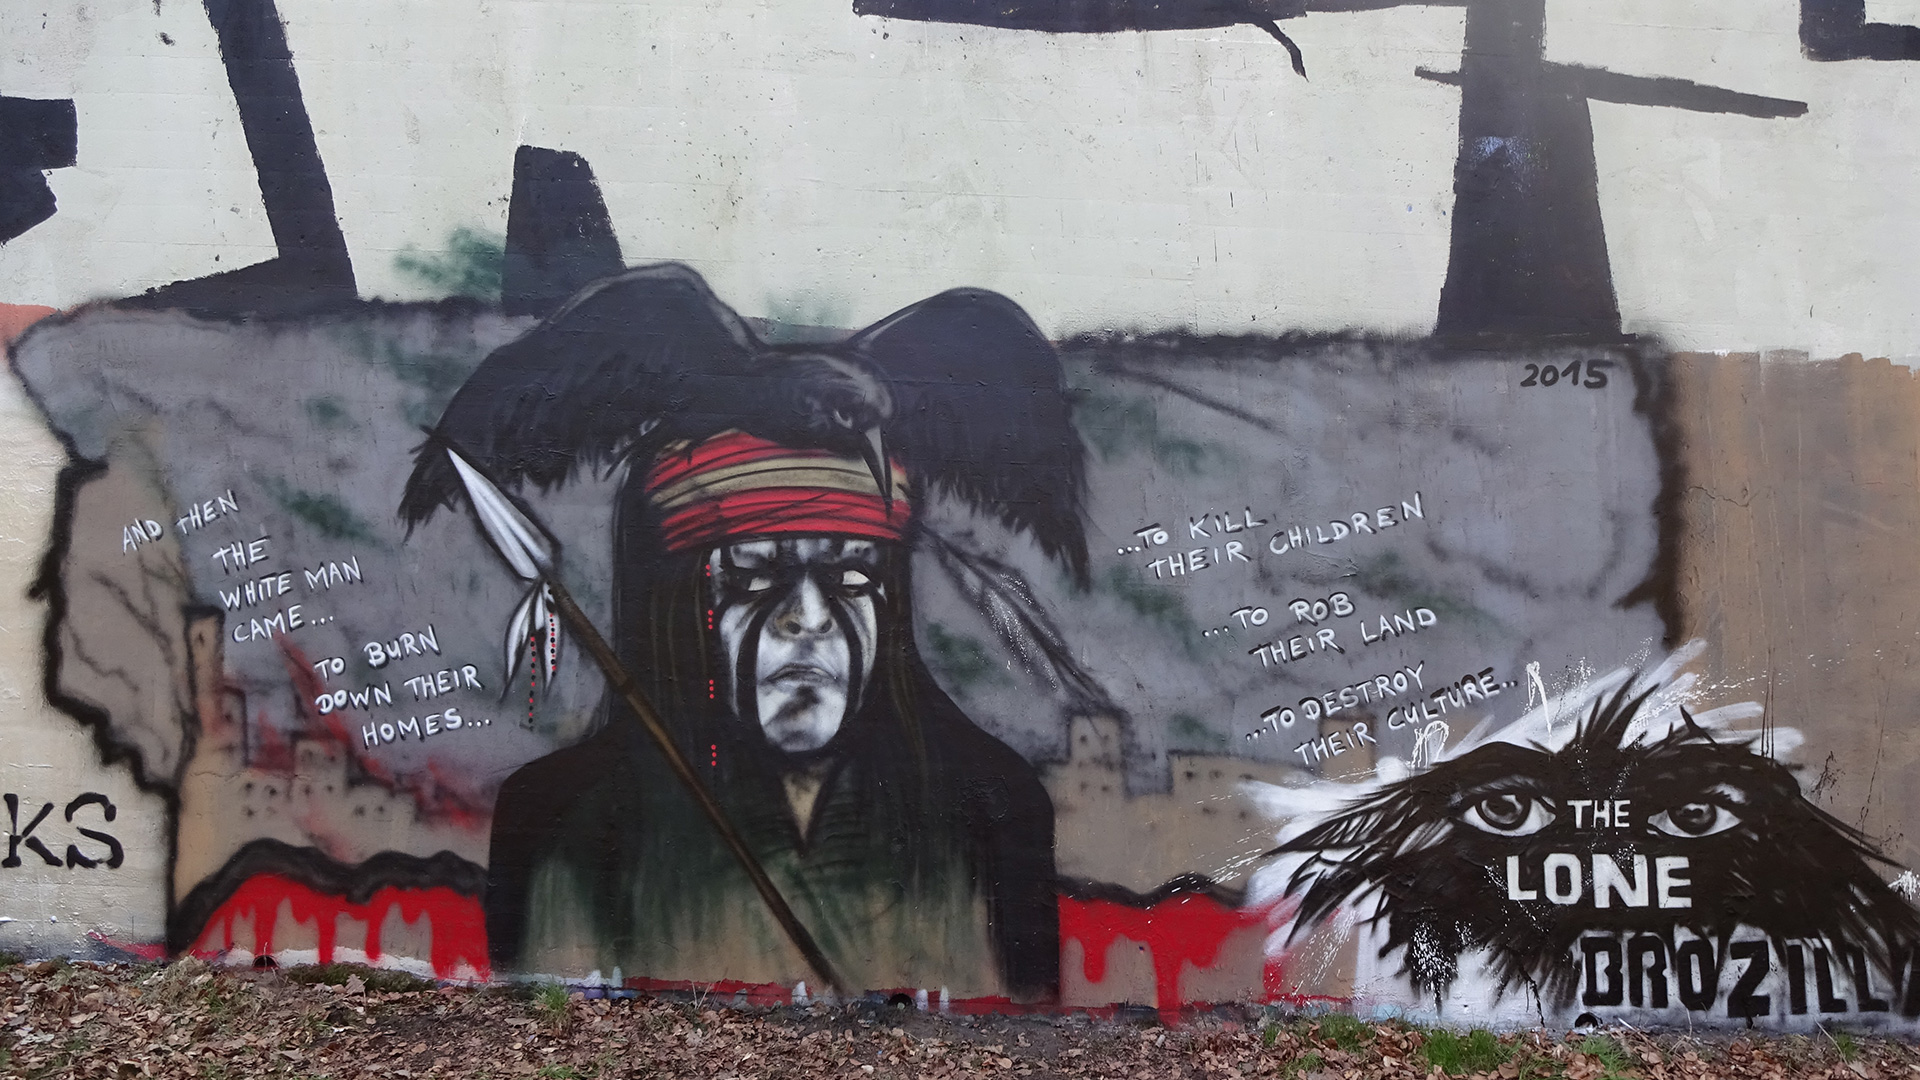 brozilla-graffiti-page-16